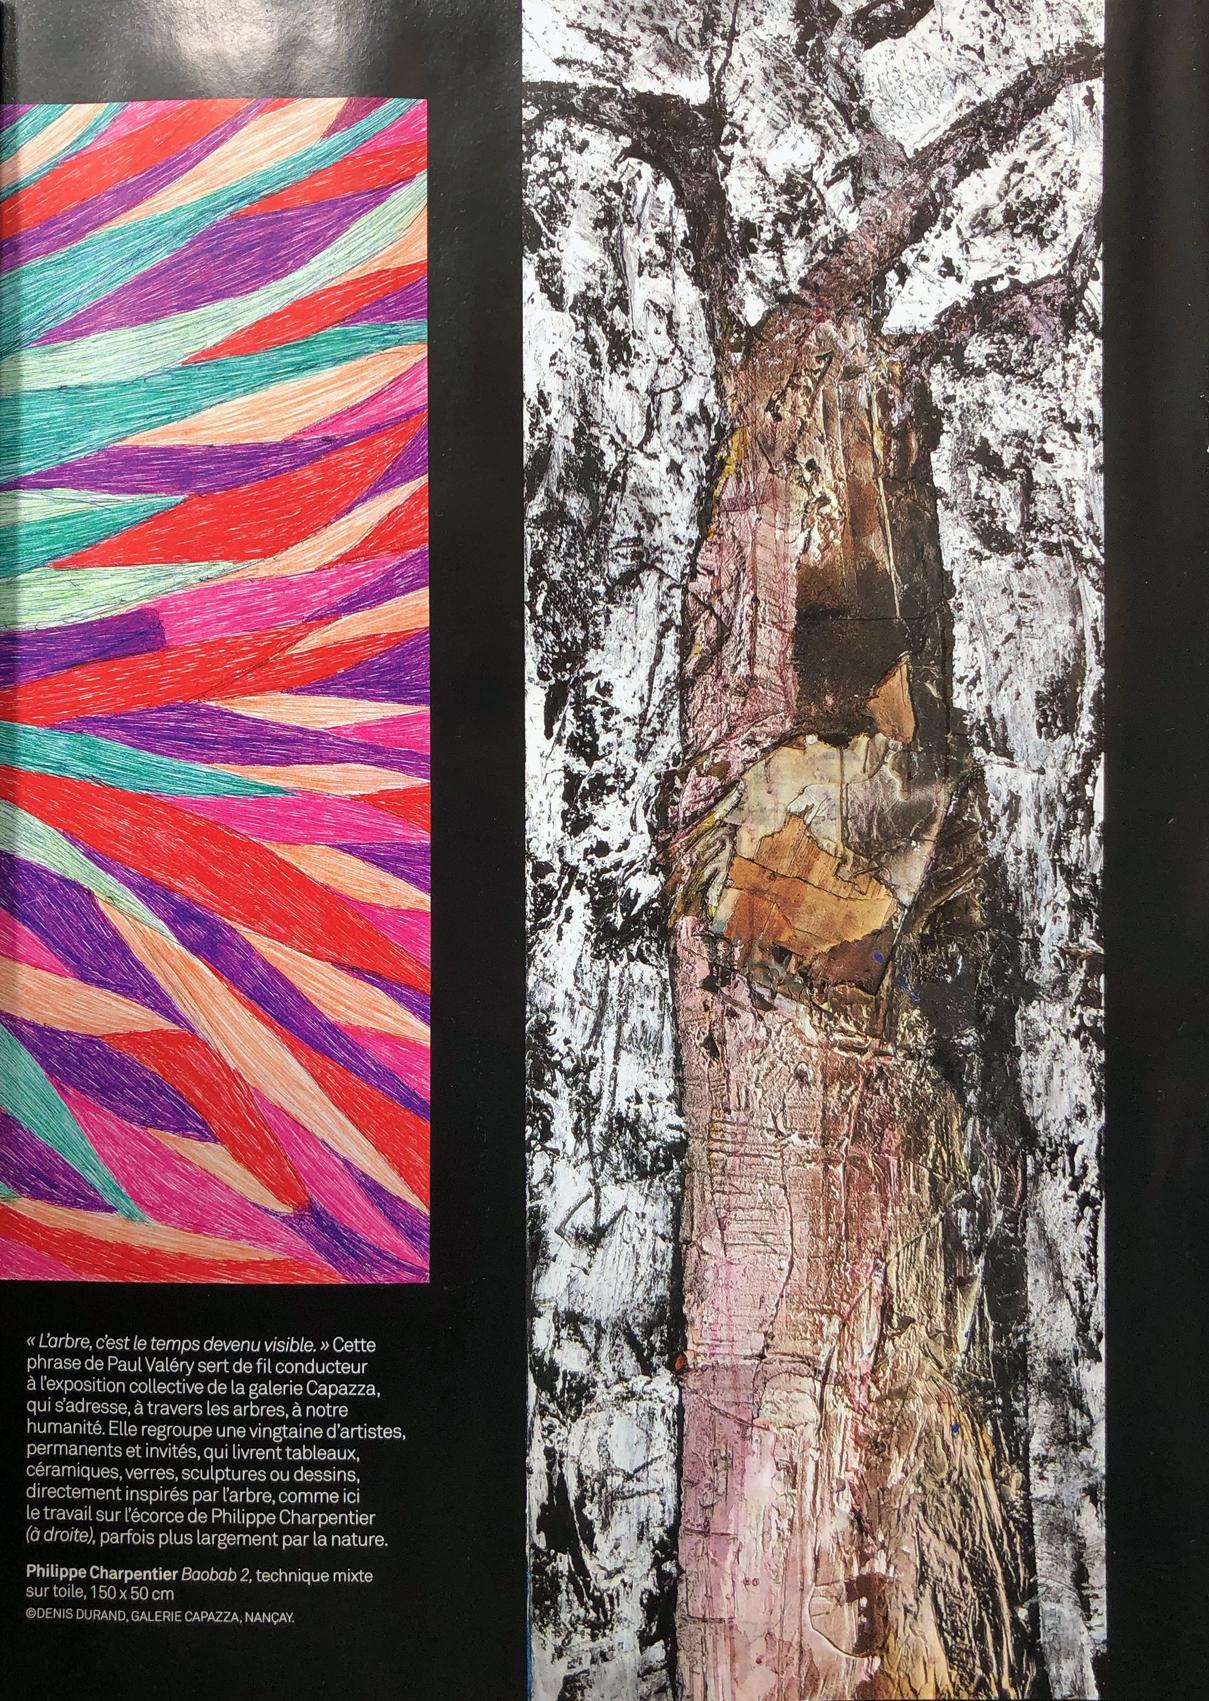 arbre connaissance des arts 2019 exposition Capazza